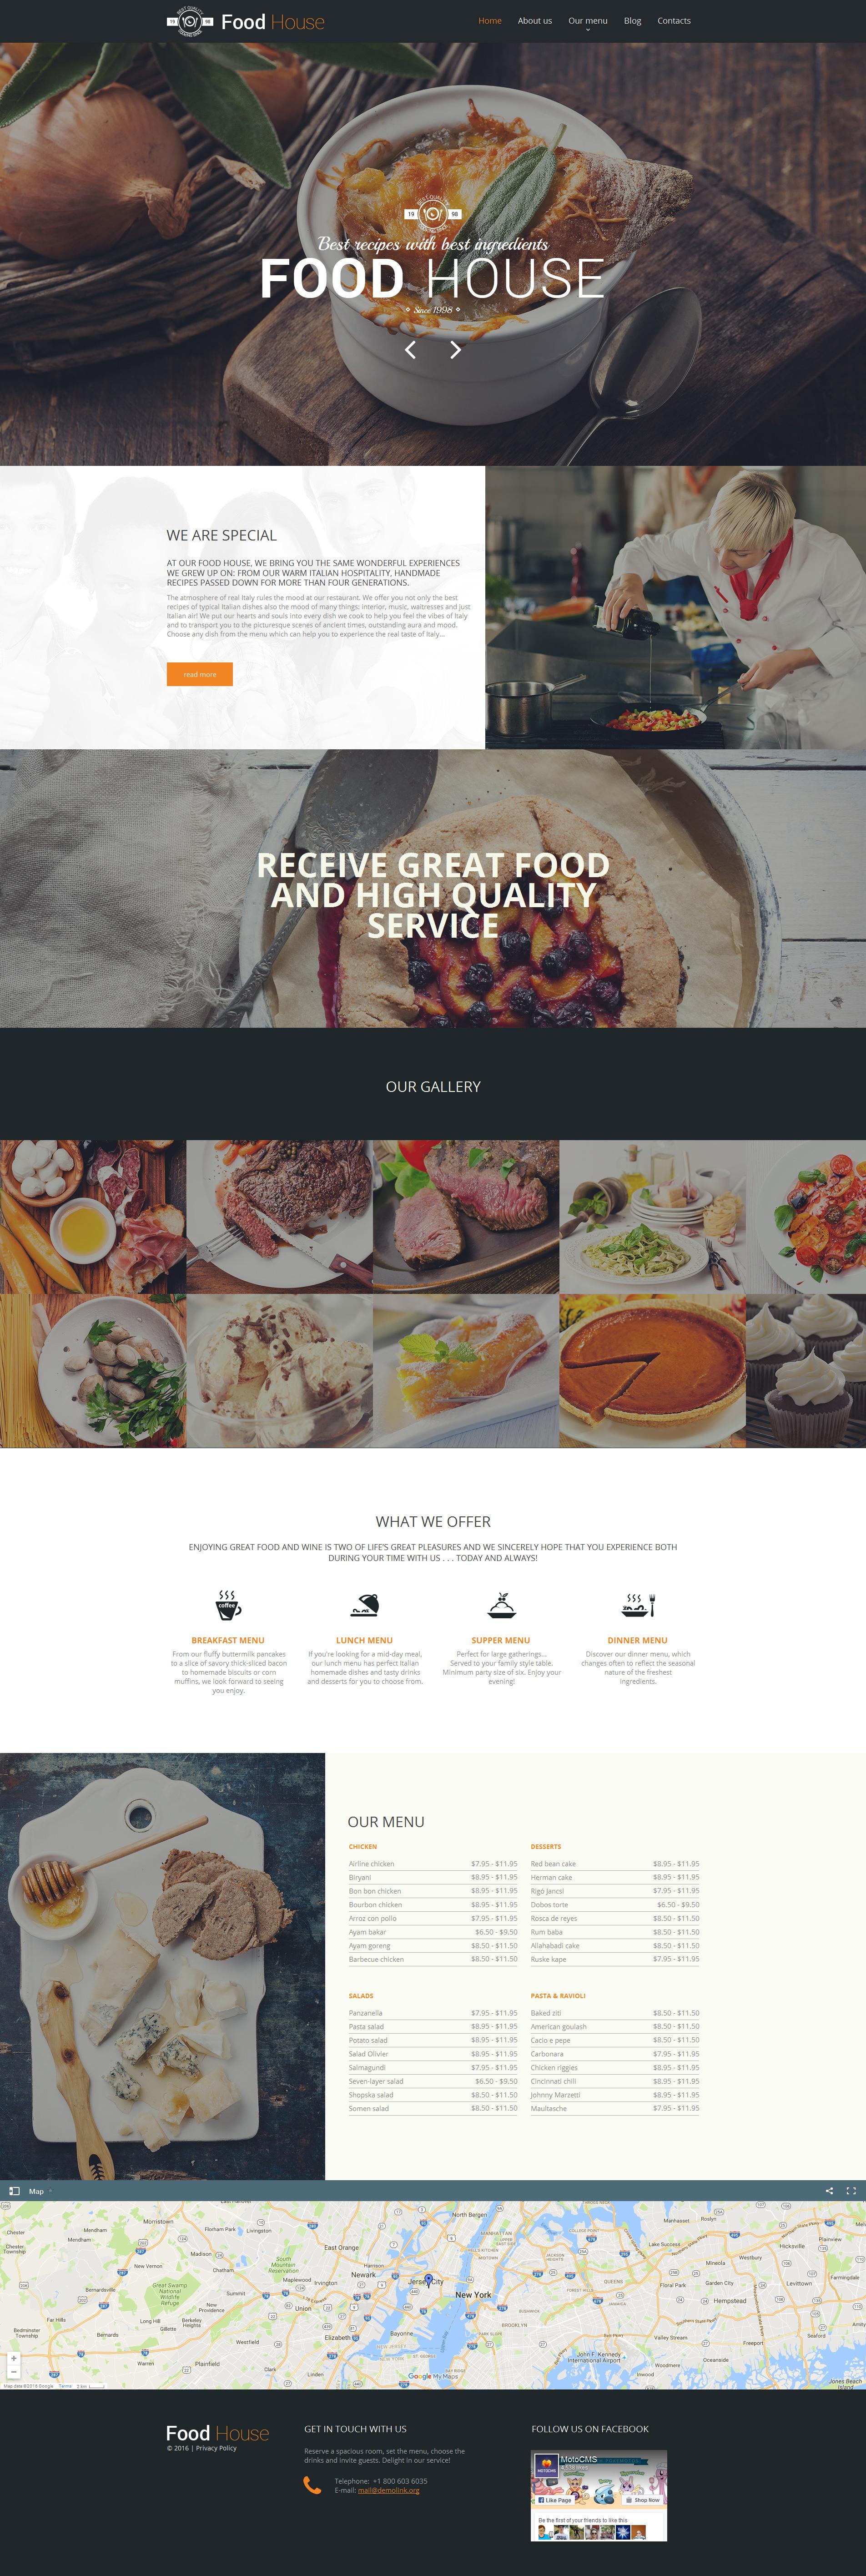 Modèle HTML pour Food & Drink Moto CMS